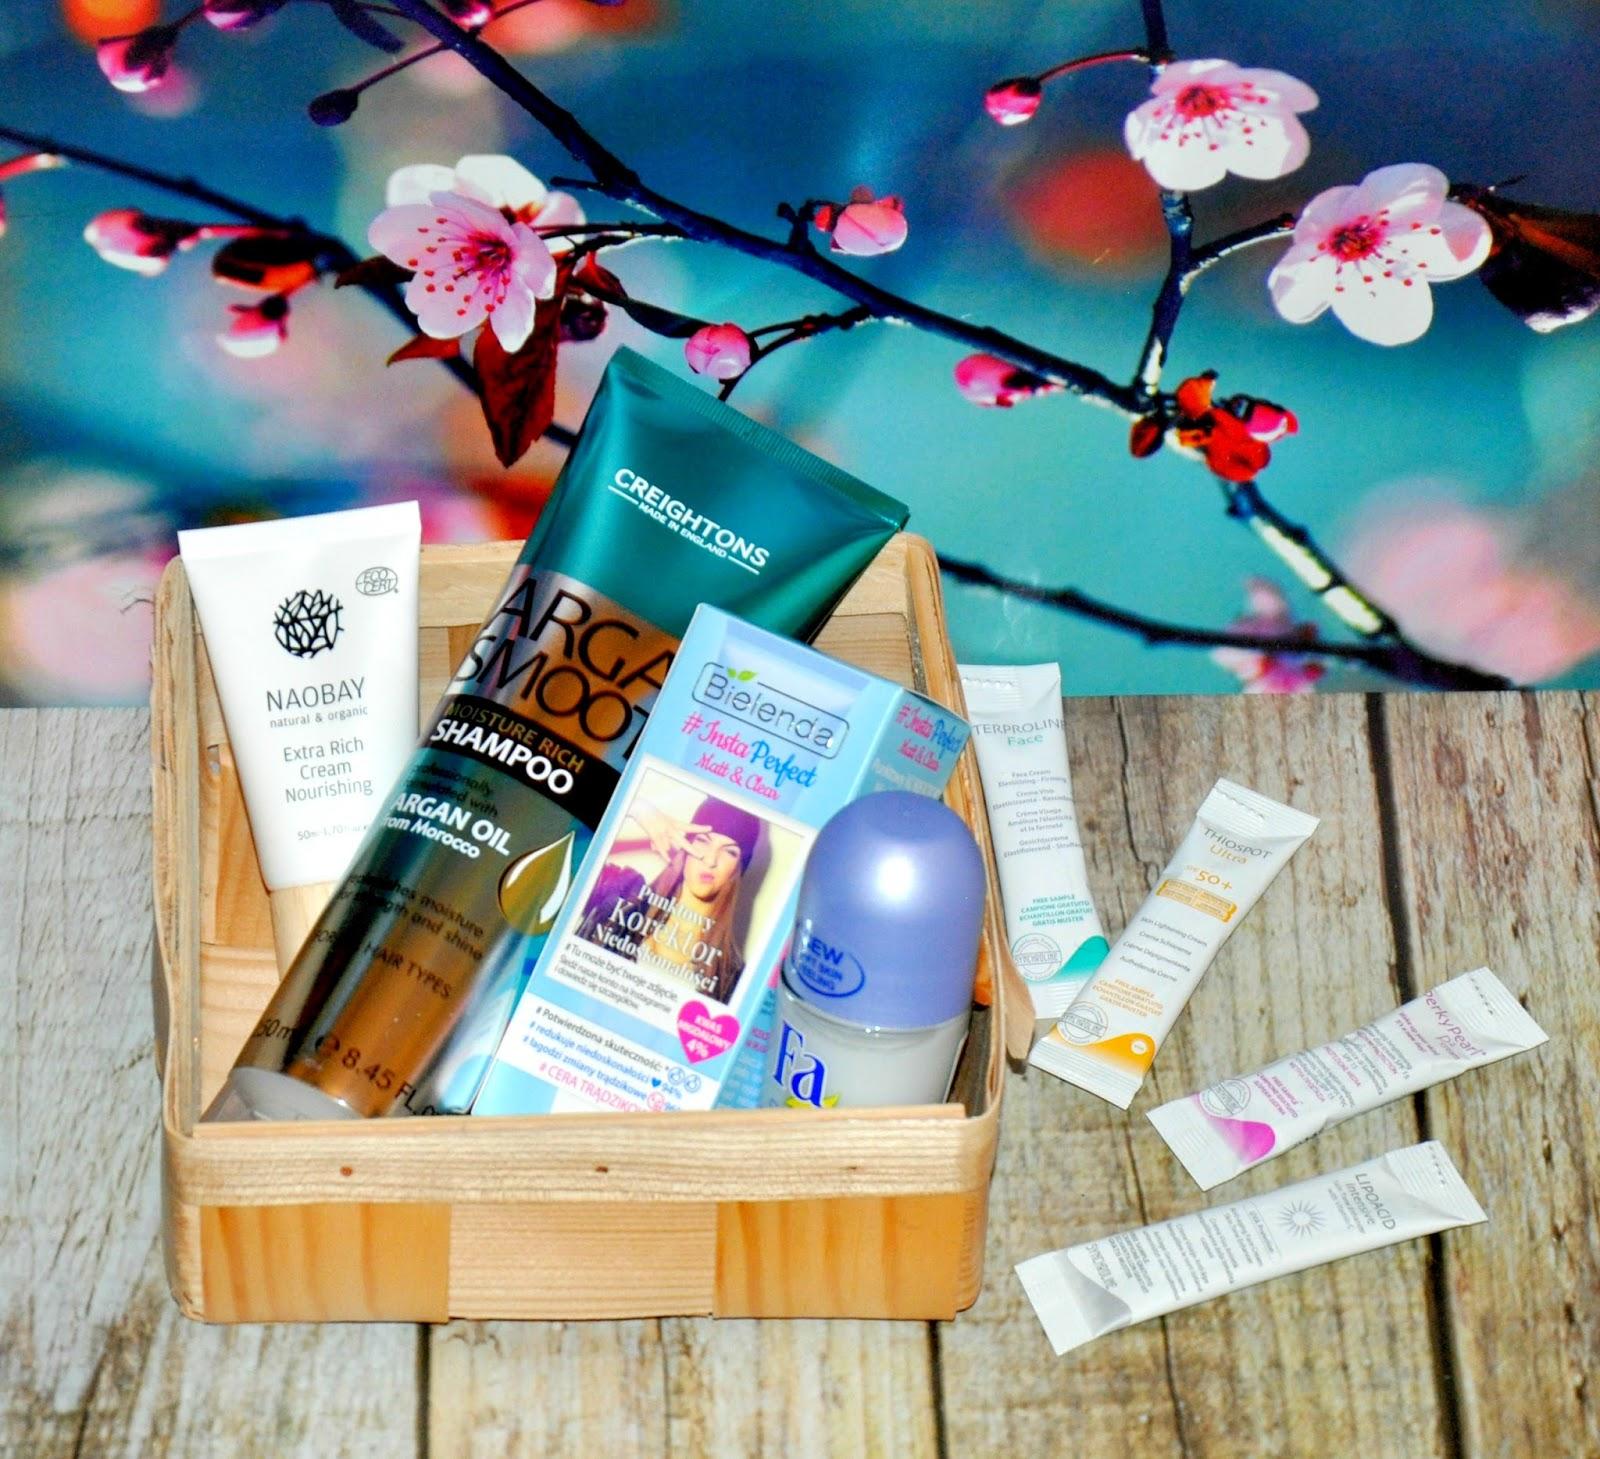 PRETTY. HAPPY. YOU - tak nazywa się majowa edycja ShinyBox.  Zawartość pudełka skrywa kosmetyki, których zadaniem jest przygotowanie nas do nadchodzącego lata. Zestaw zawiera pięć produktów pełnowymiarowych i jedną próbkę w której skład wchodzą aż cztery różne kosmetyki.